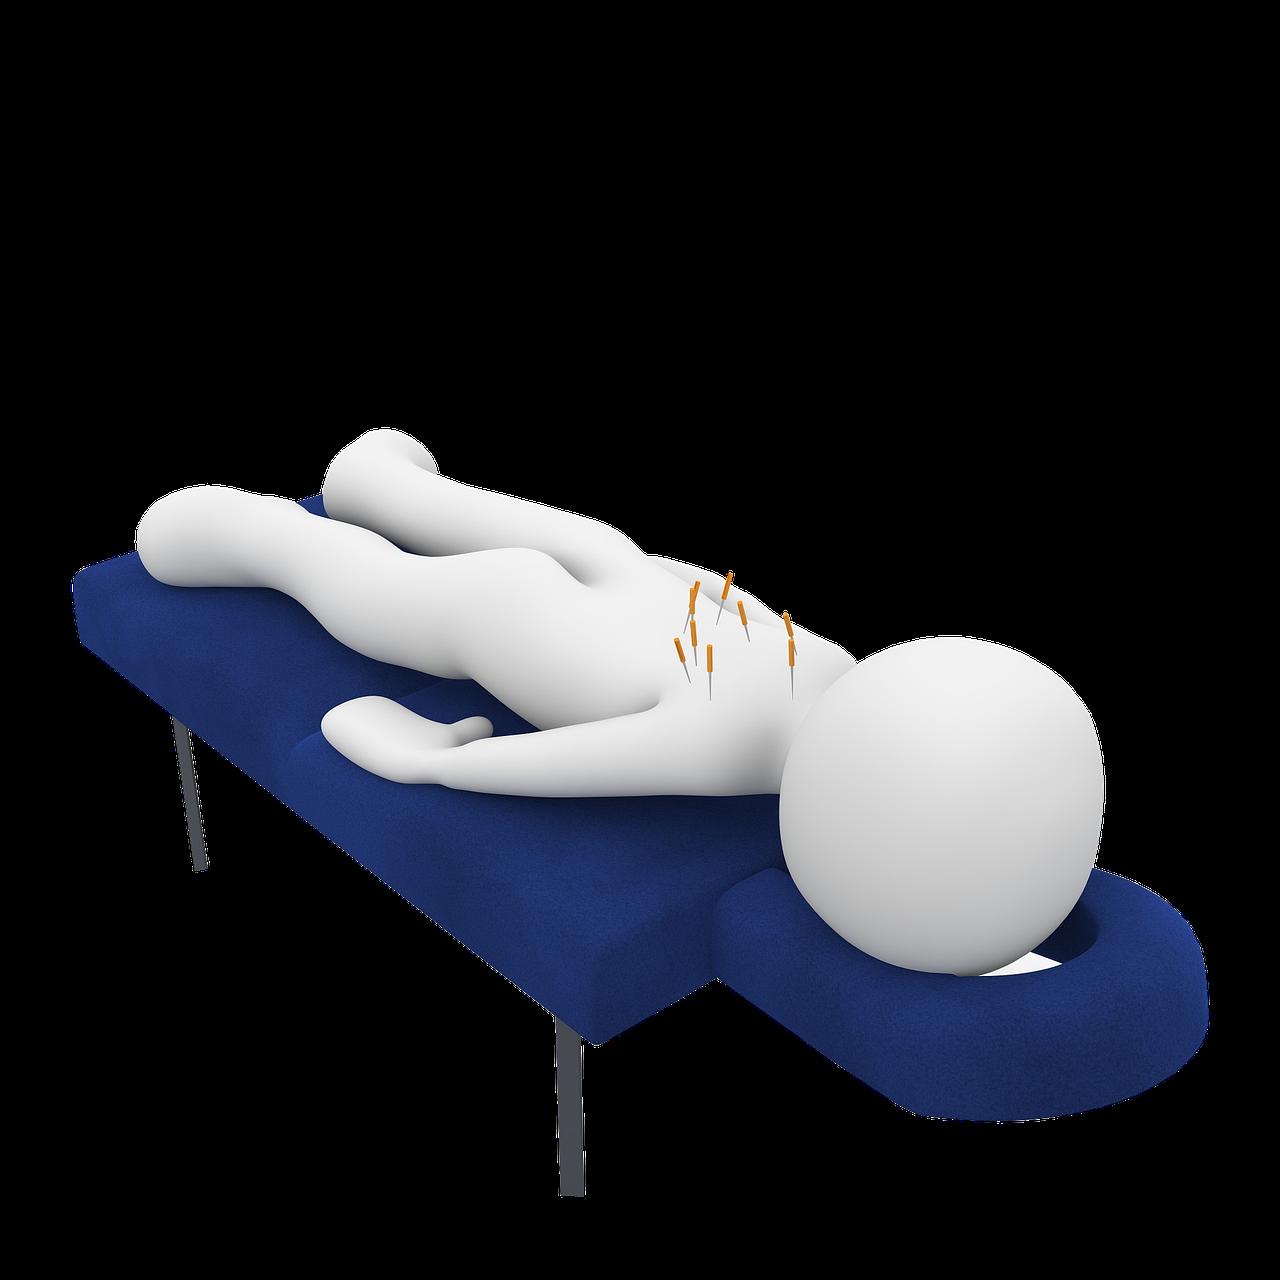 G.B.I. Gezondheids Bevorderend Instituut BV fysiotherapie kosten